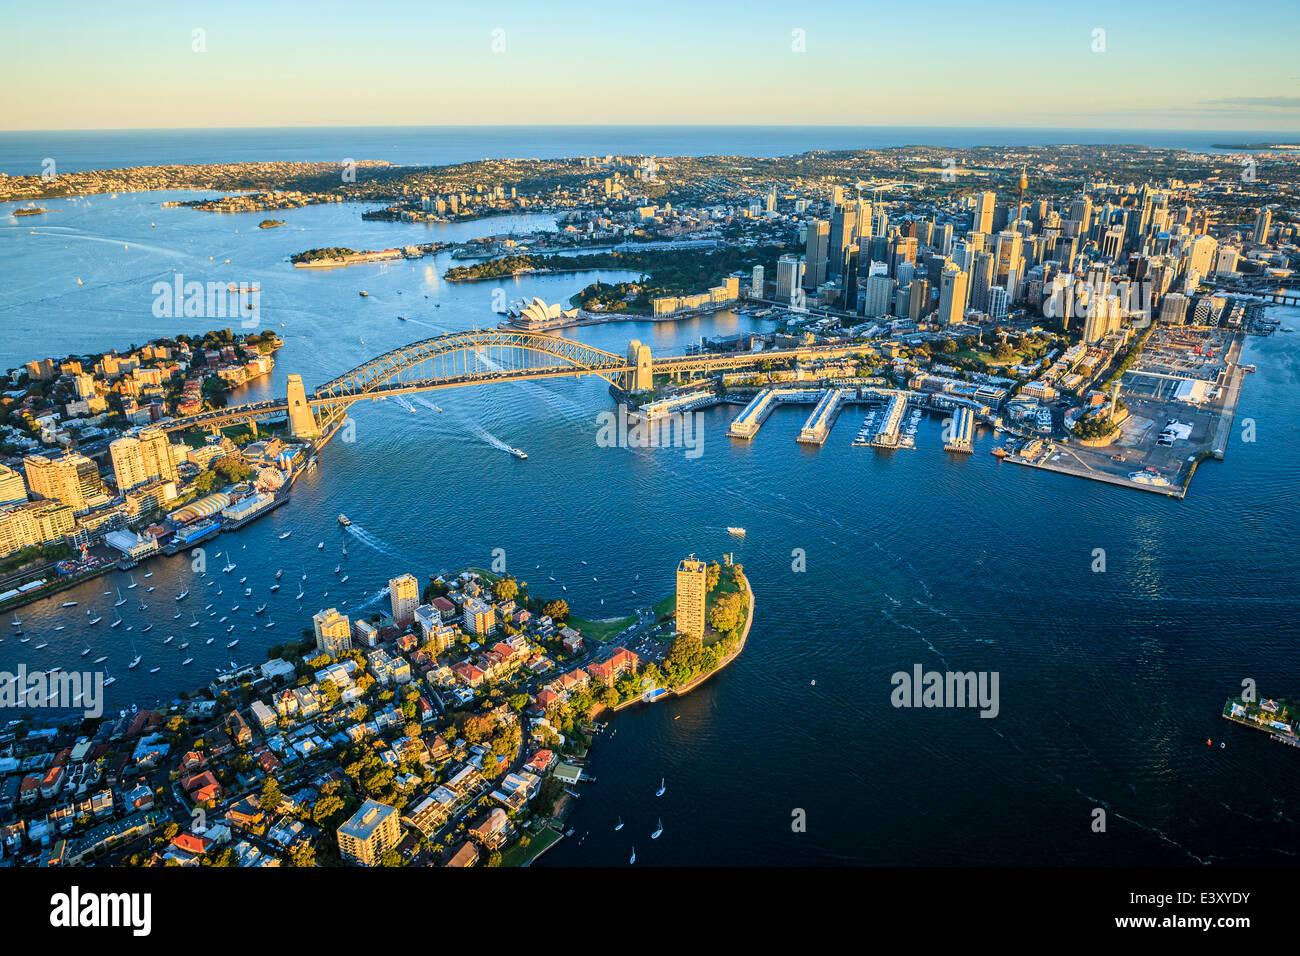 Vista aerea del paesaggio urbano di Sydney, Sydney, Nuovo Galles del Sud, Australia Immagini Stock